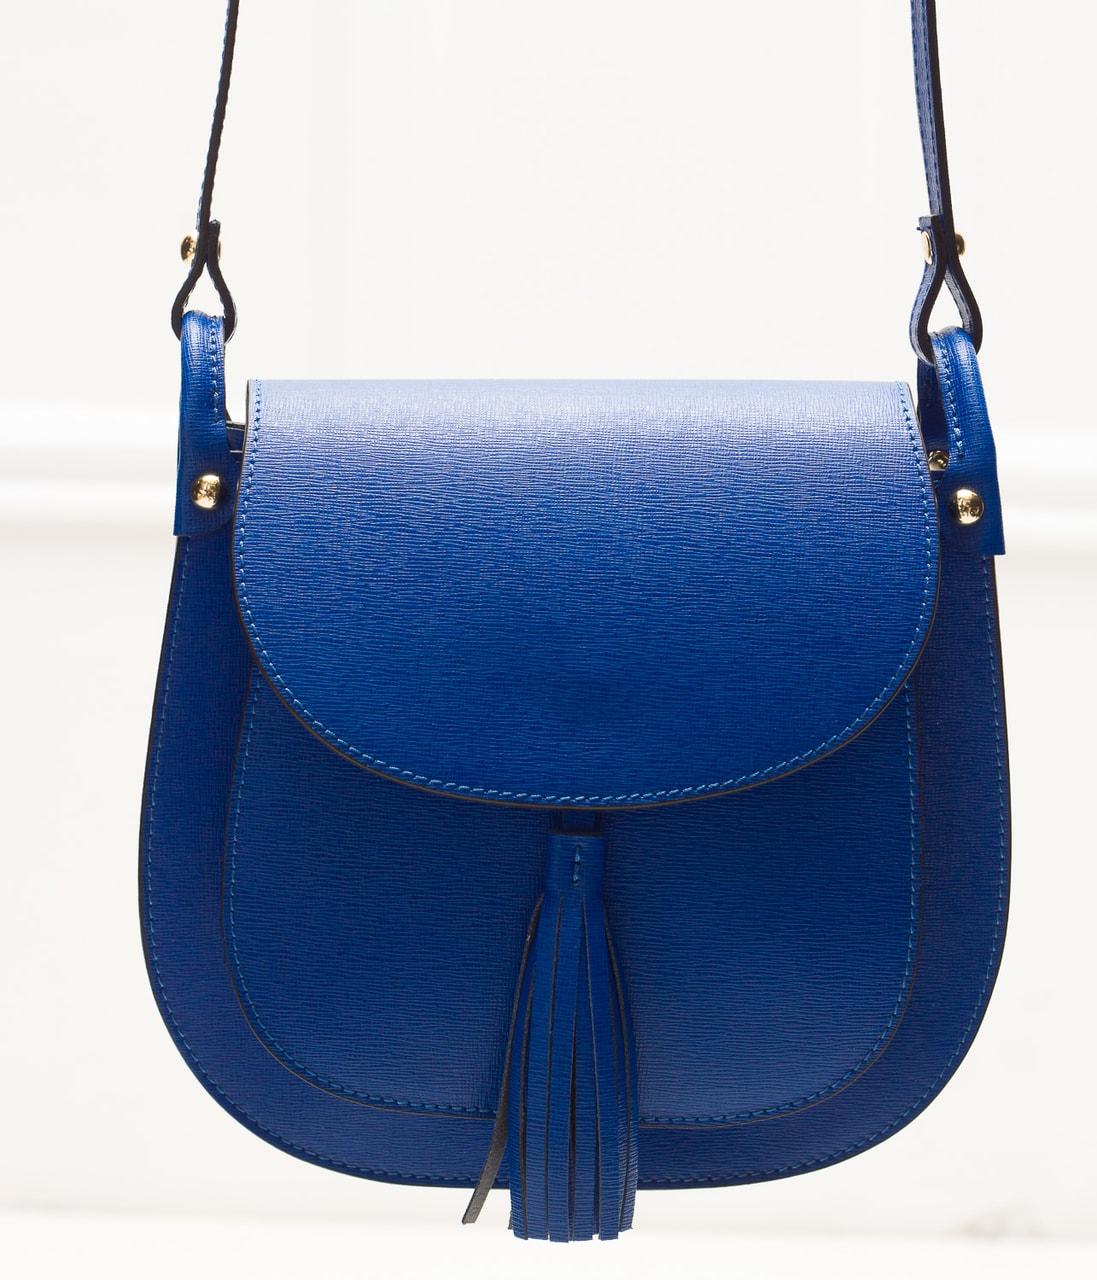 Dámská kožená crossbody kabelka ze safiánové kůže - královsky modrá ... 60b0348f2a